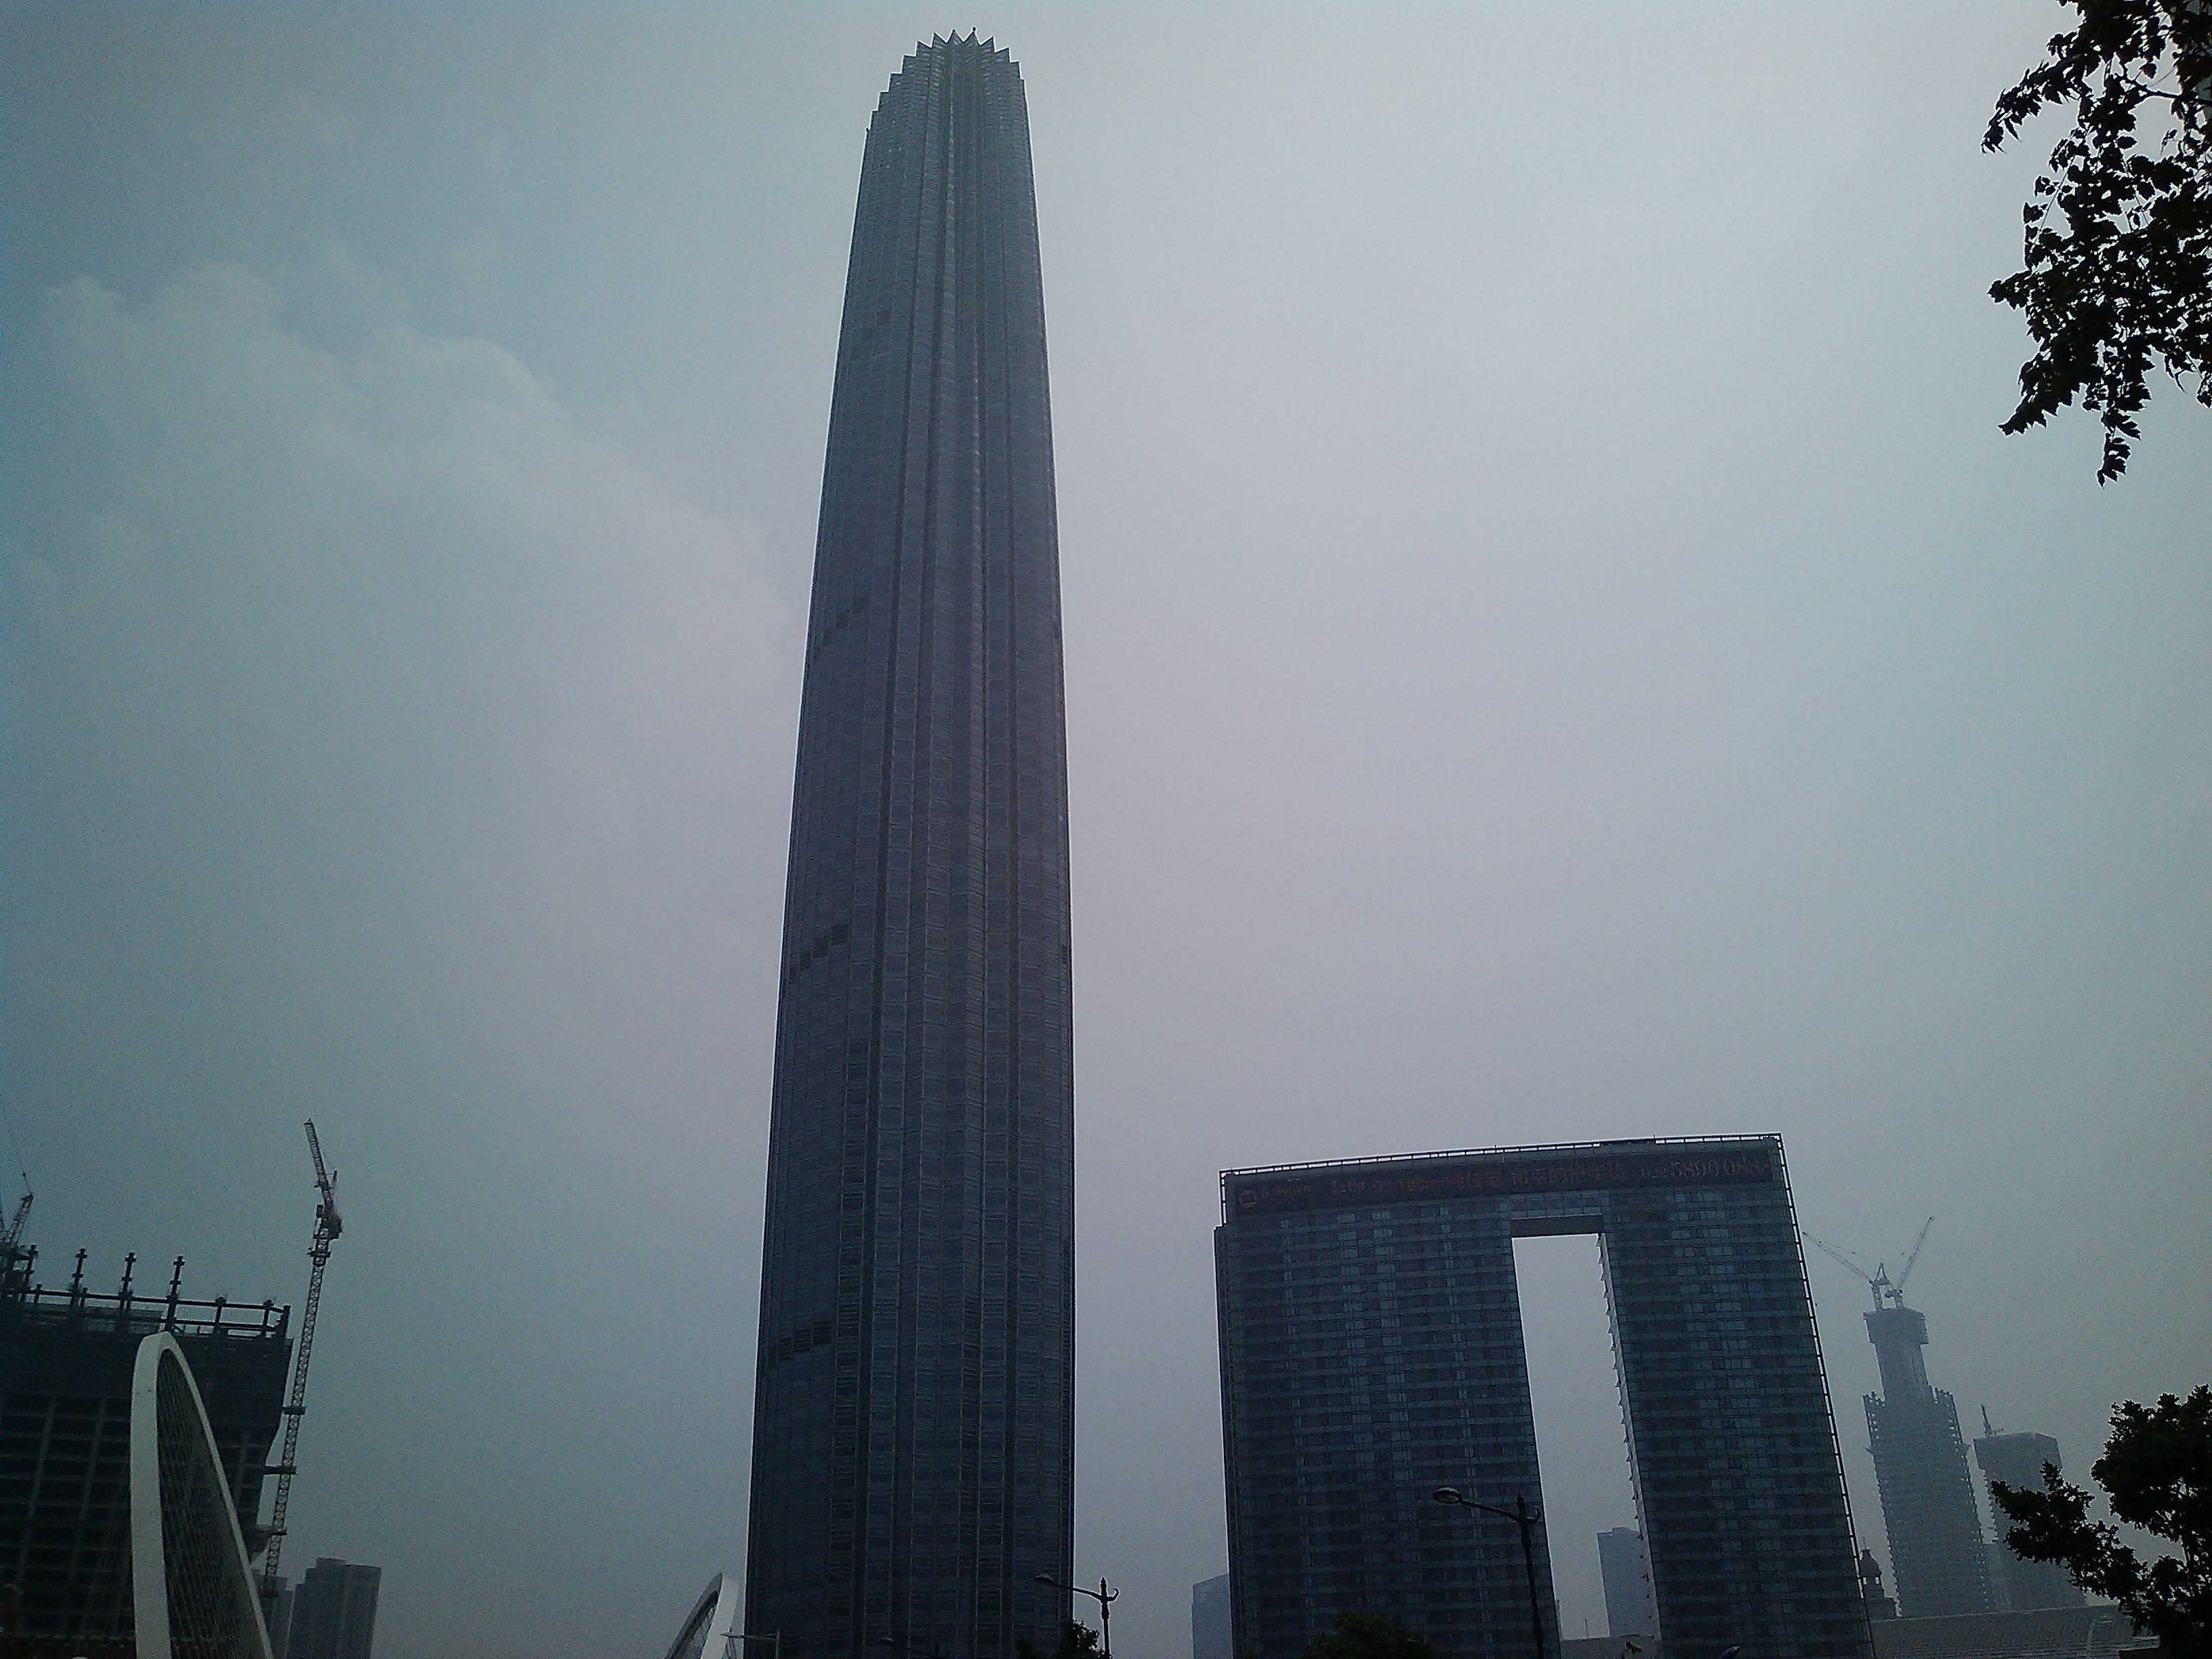 津塔的出现,将天津写字楼的标准提升到了一个新的高度.